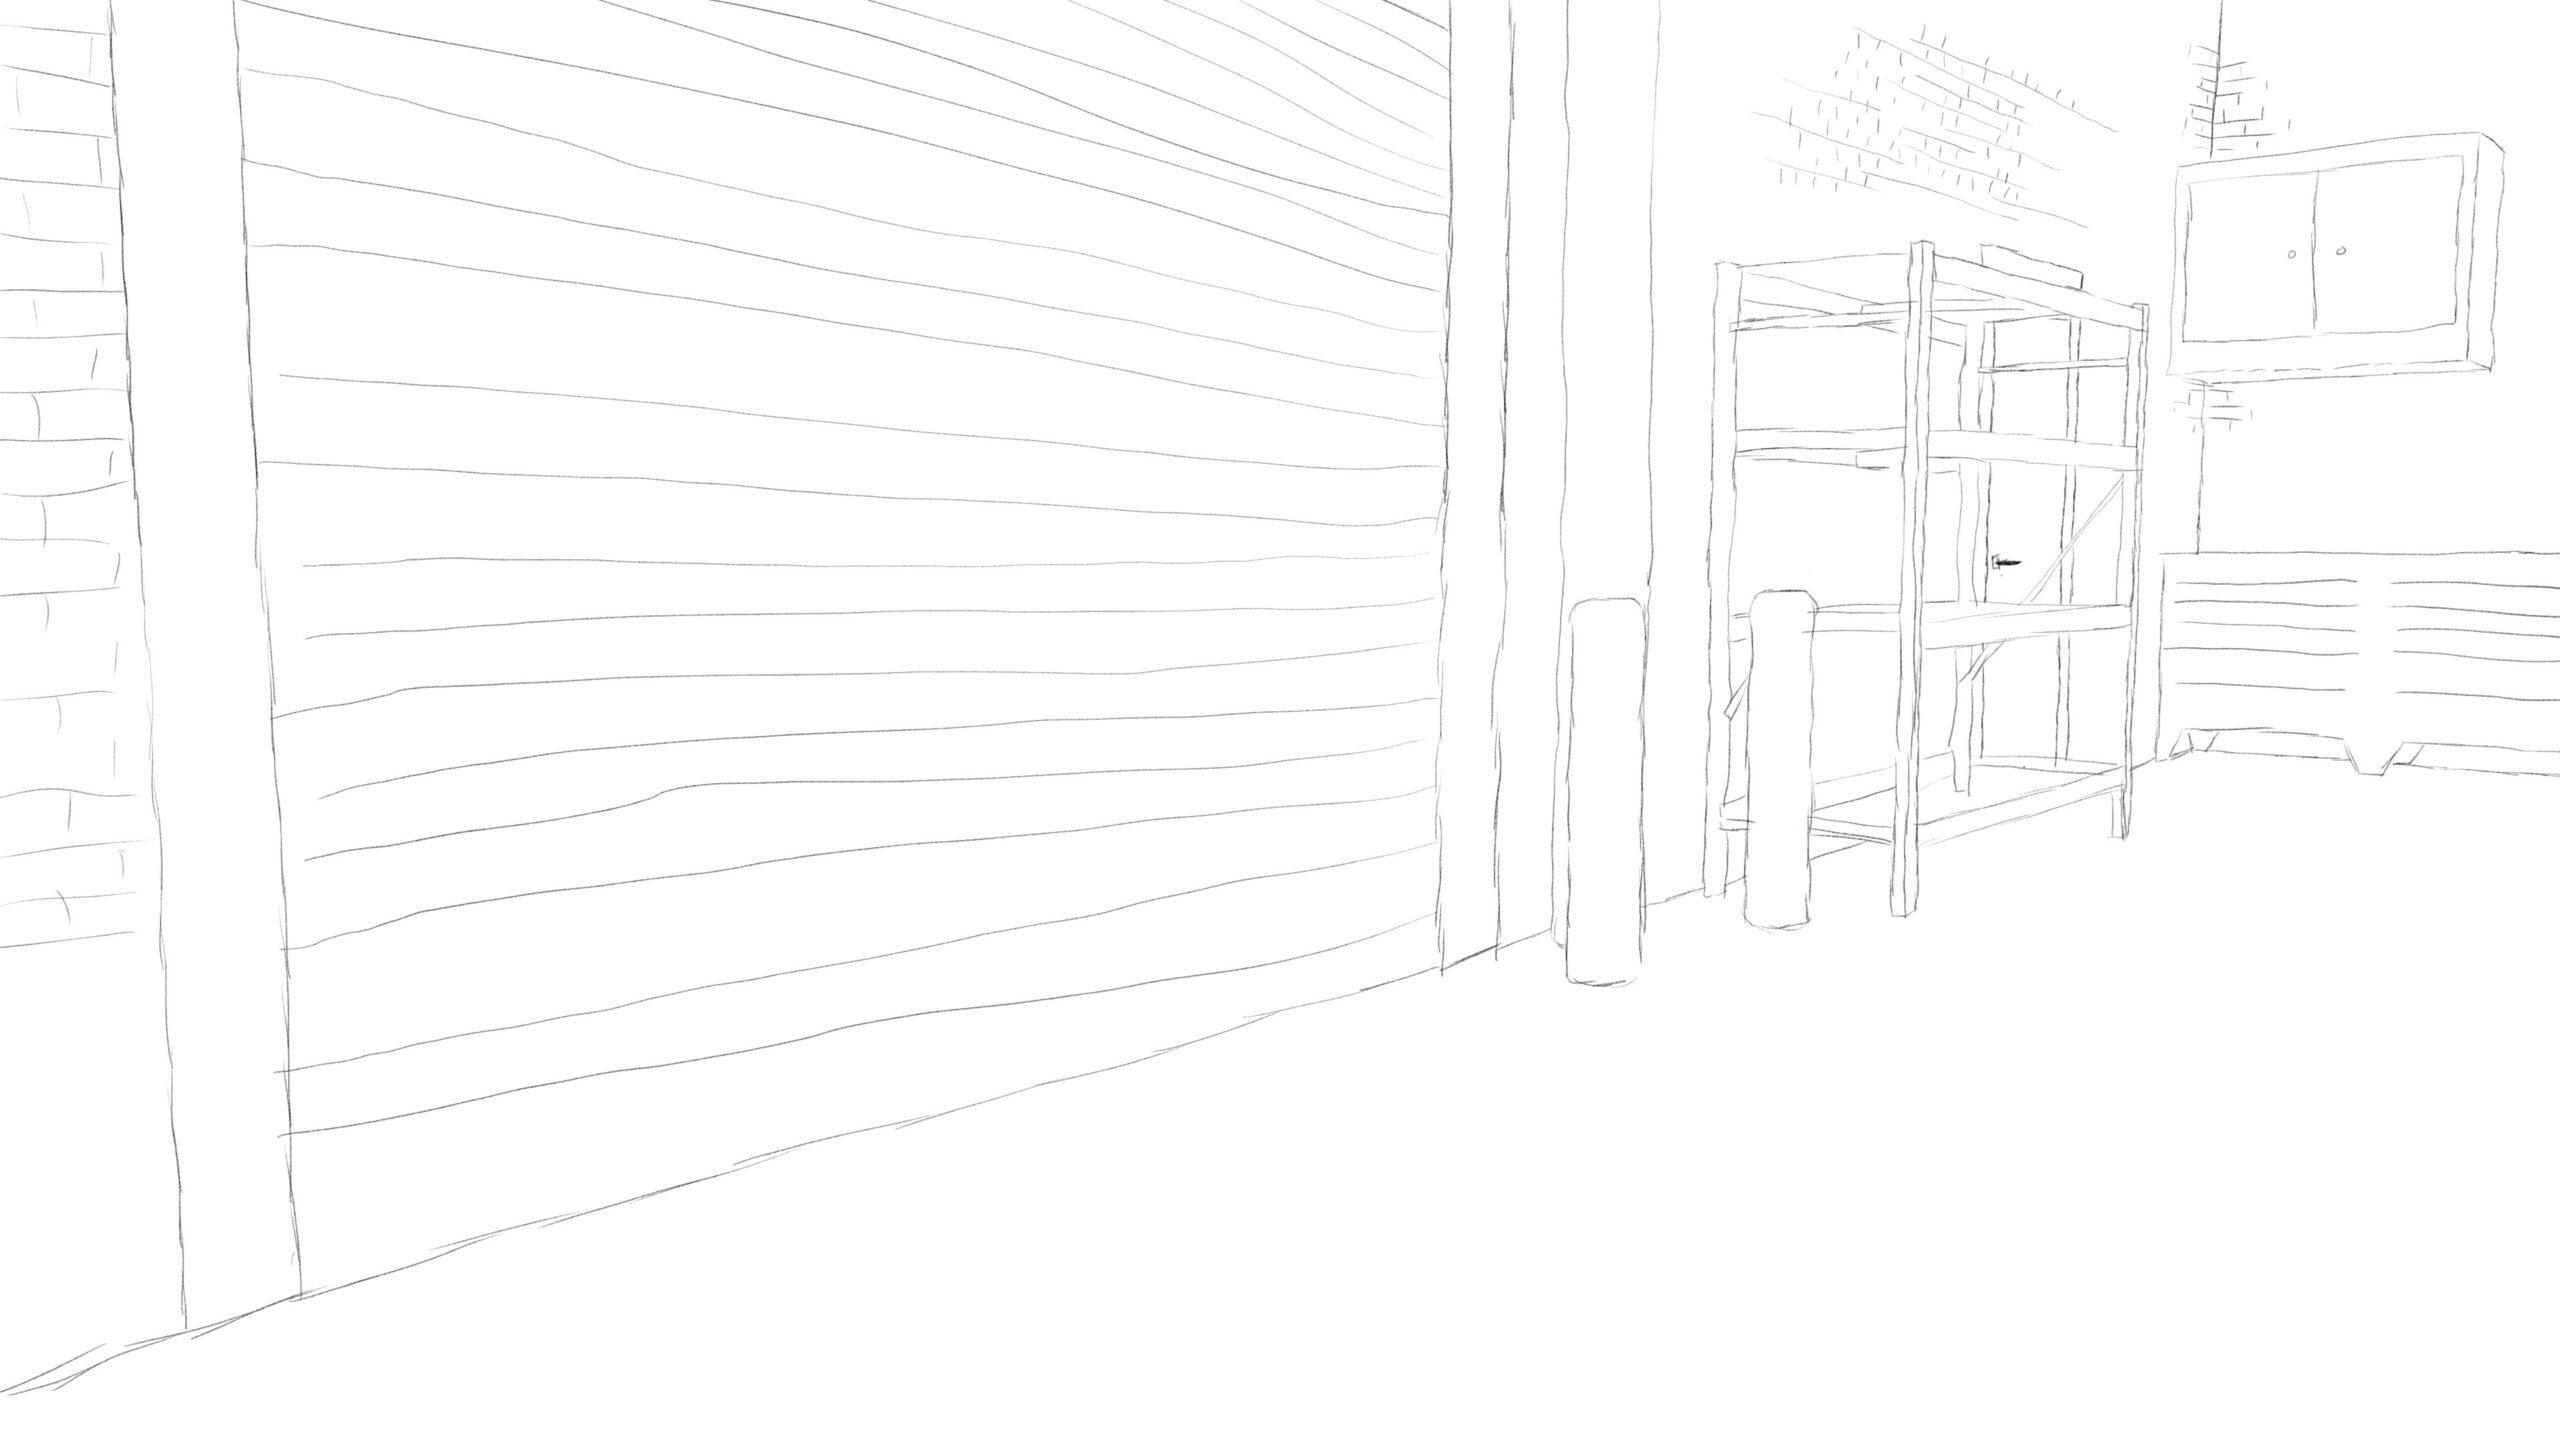 Pitney Bowes-RumbleOn concept art - wide-view drawing of garage door